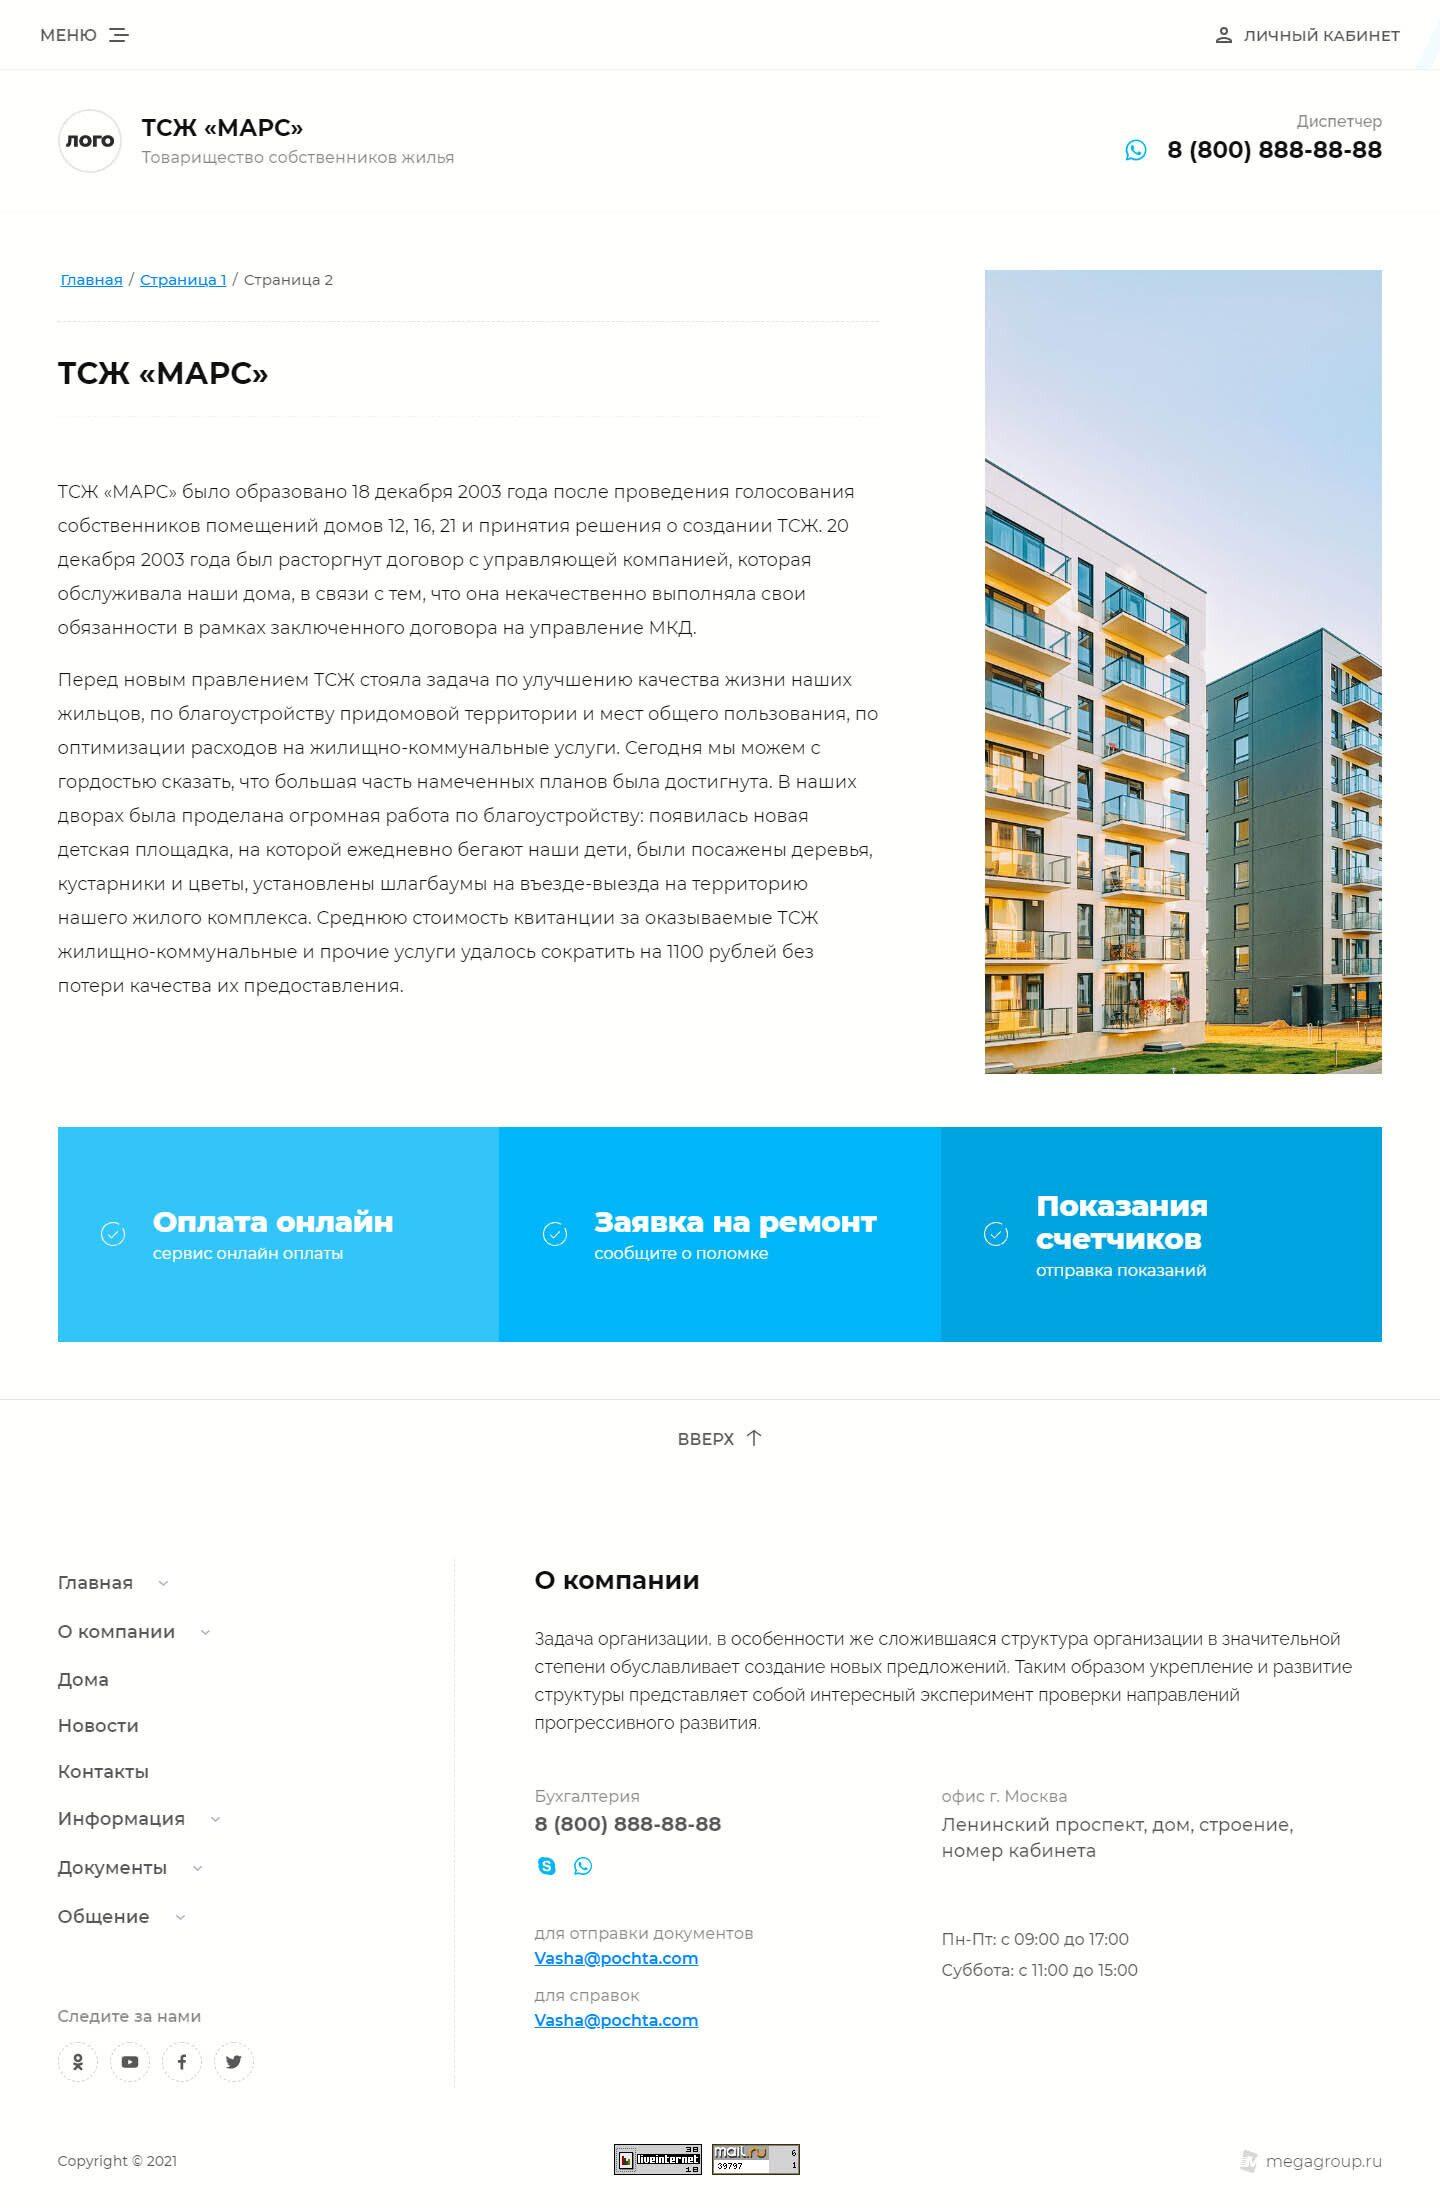 Готовый Сайт-Бизнес #2956977 - Товарищество собственников жилья (ТСЖ) (О компании)